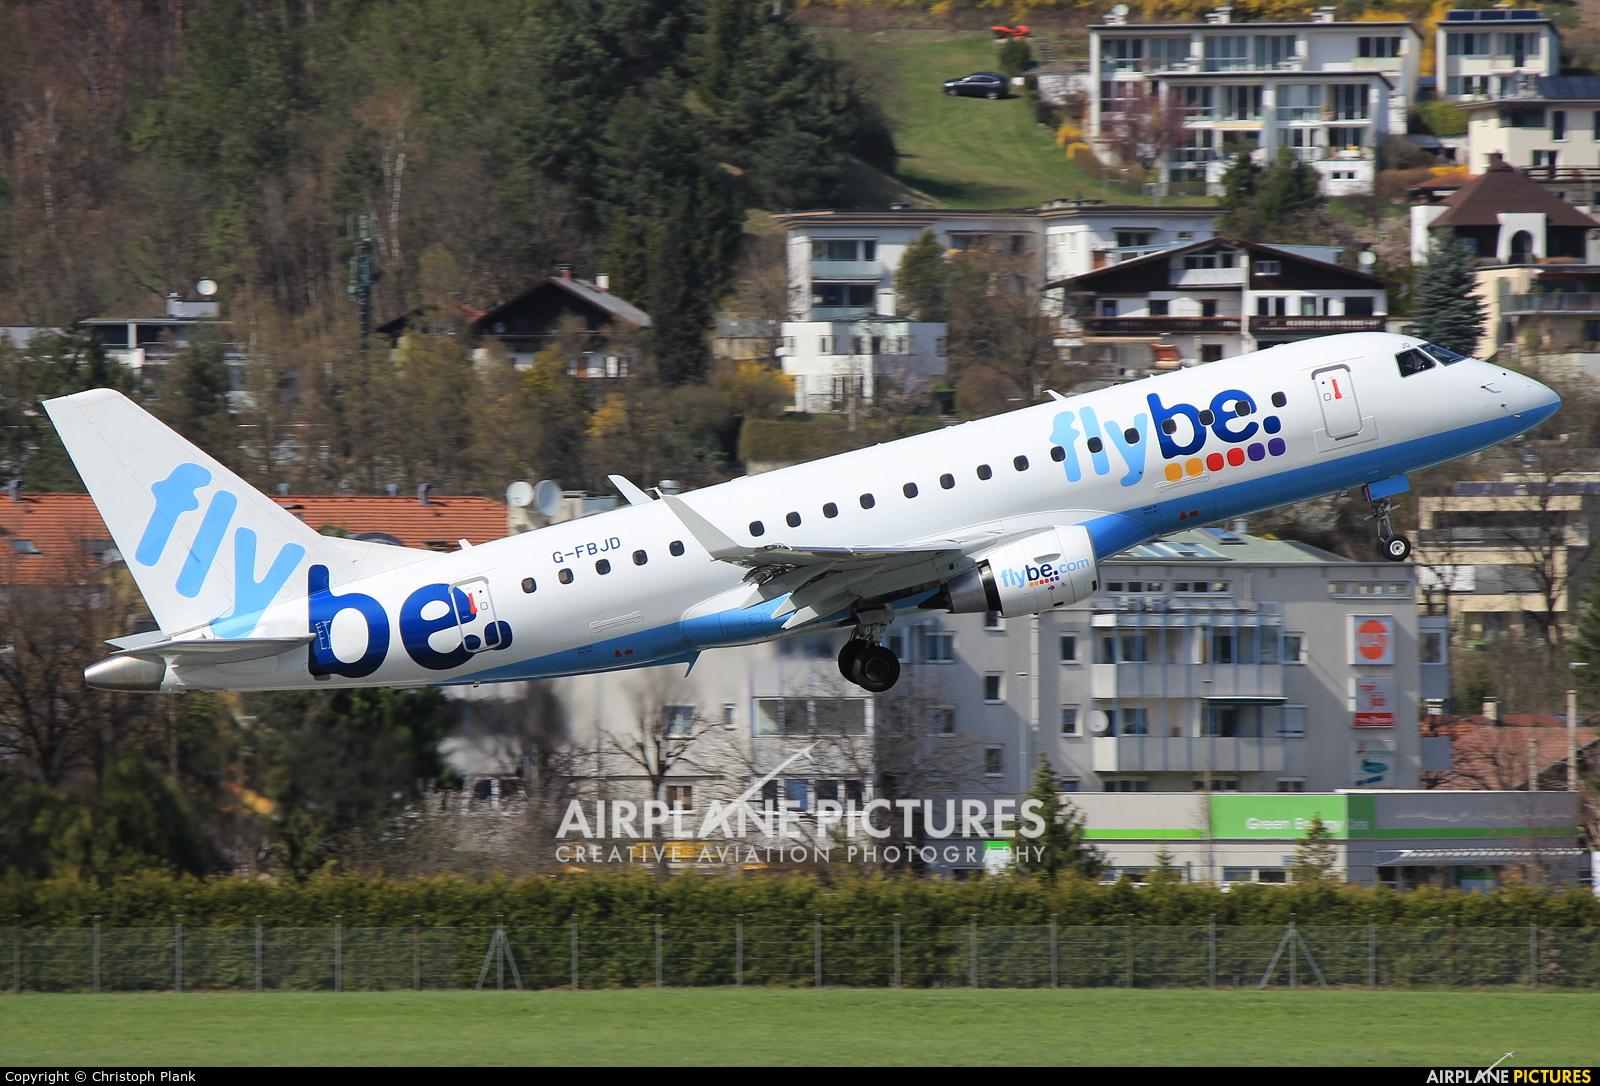 Flybe G-FBJD aircraft at Innsbruck